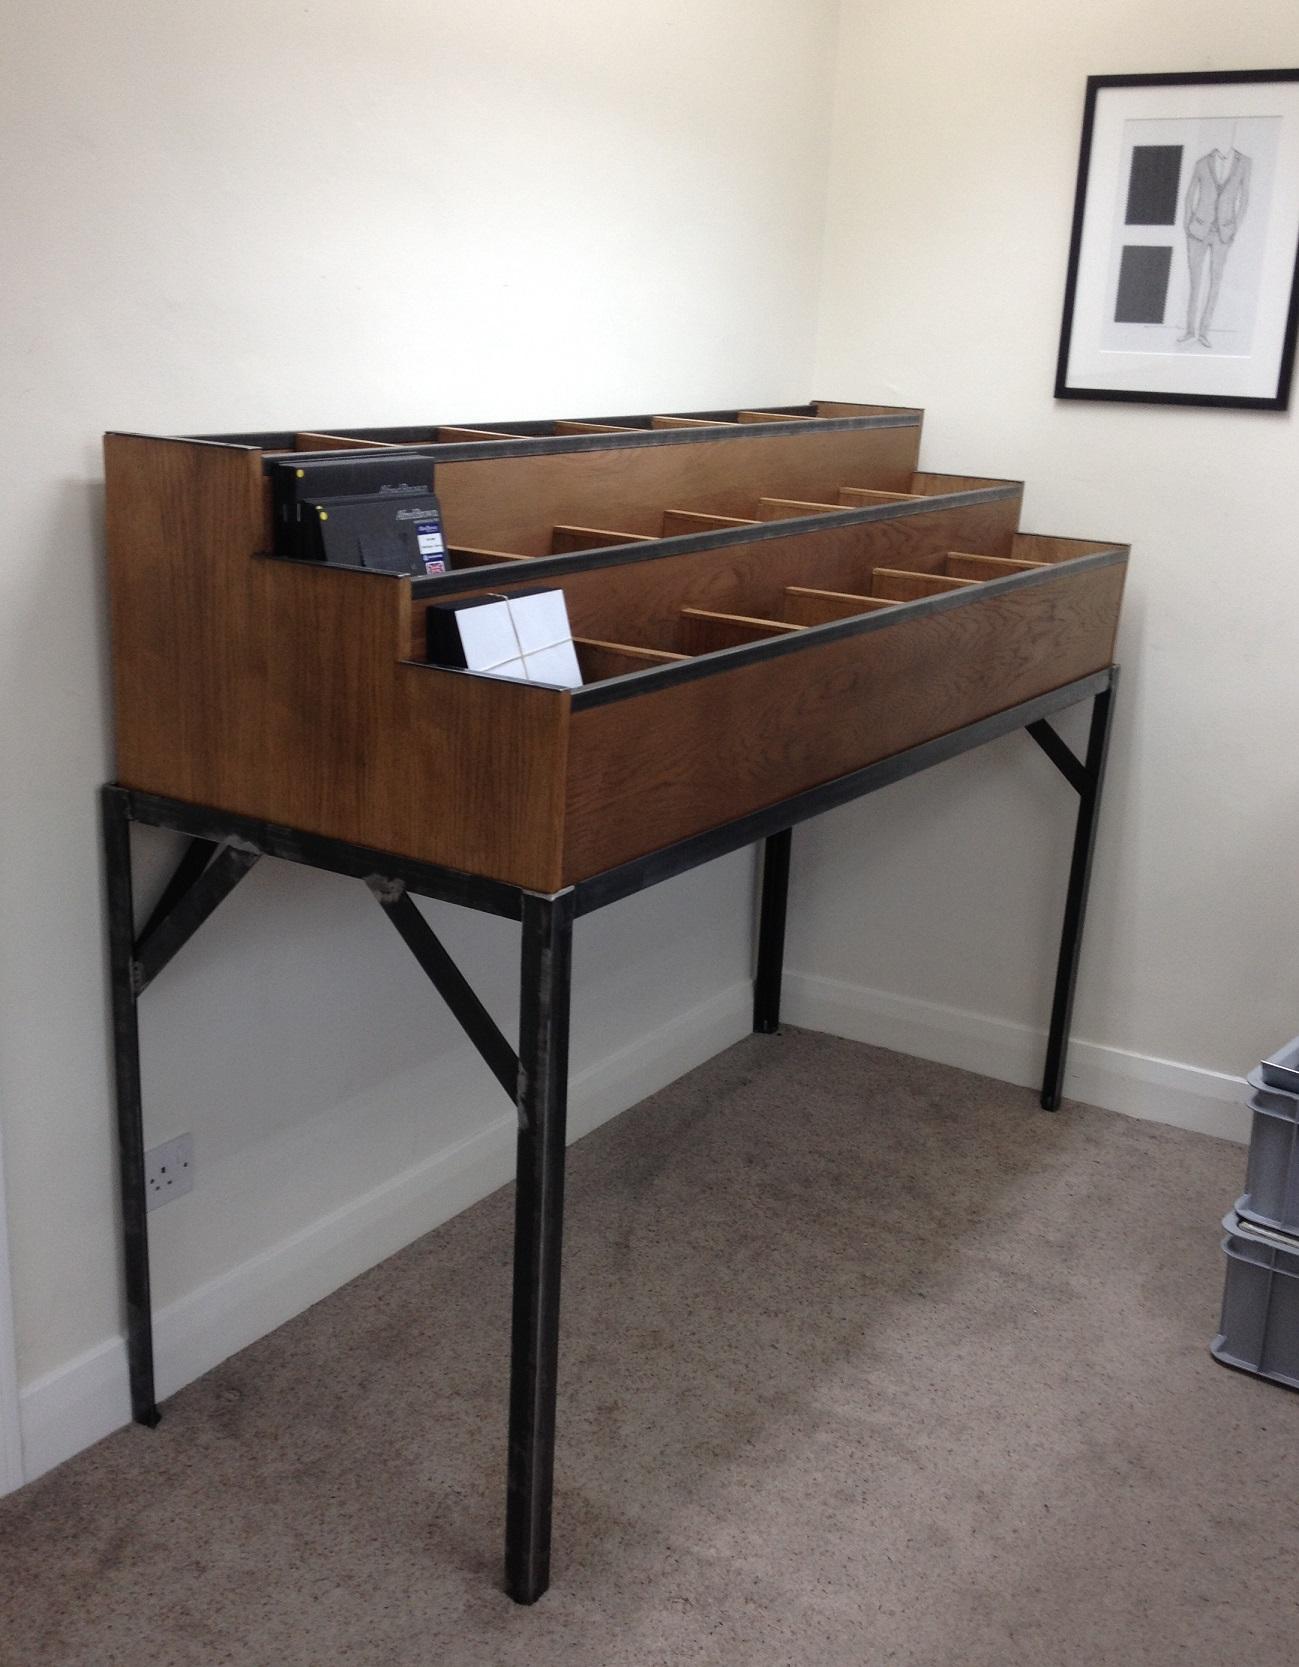 Alfred Brown Ltd sample display unit | Metroretro